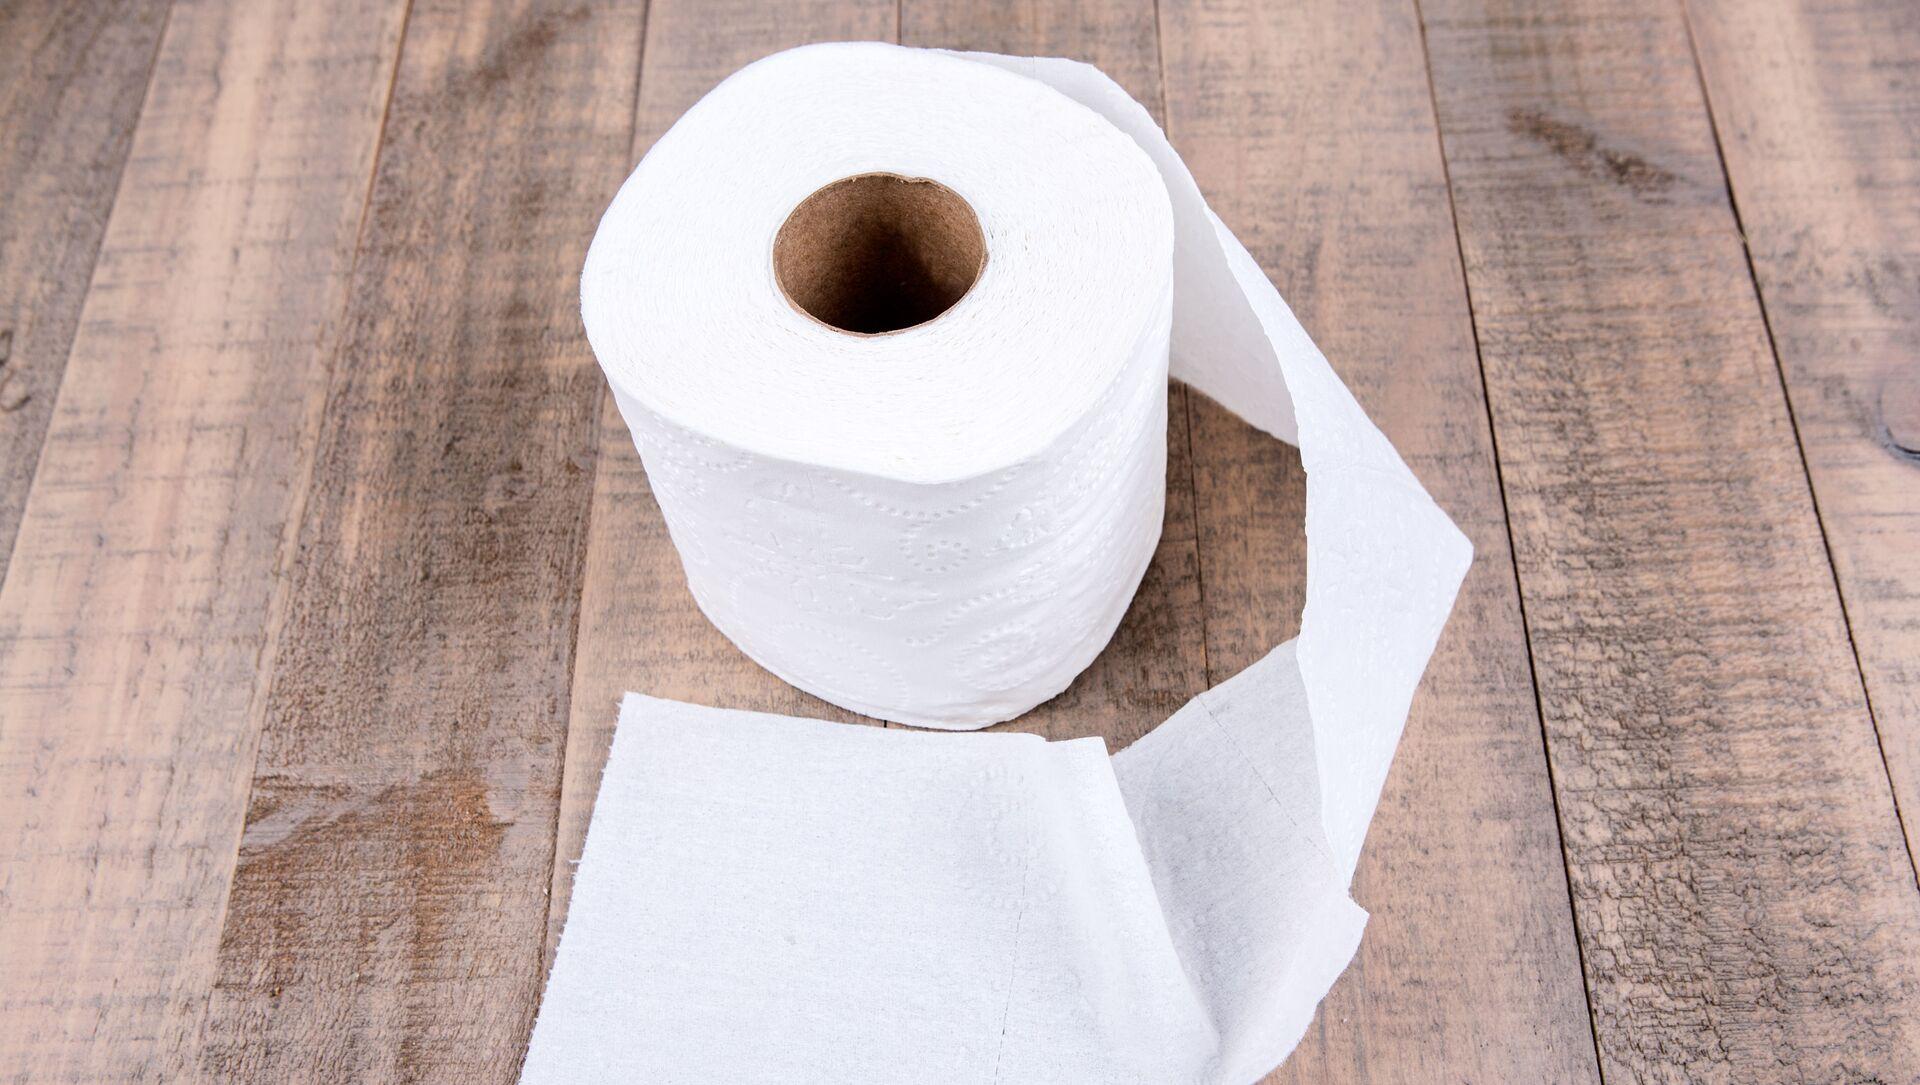 Toaletní papír - Sputnik Česká republika, 1920, 25.03.2021